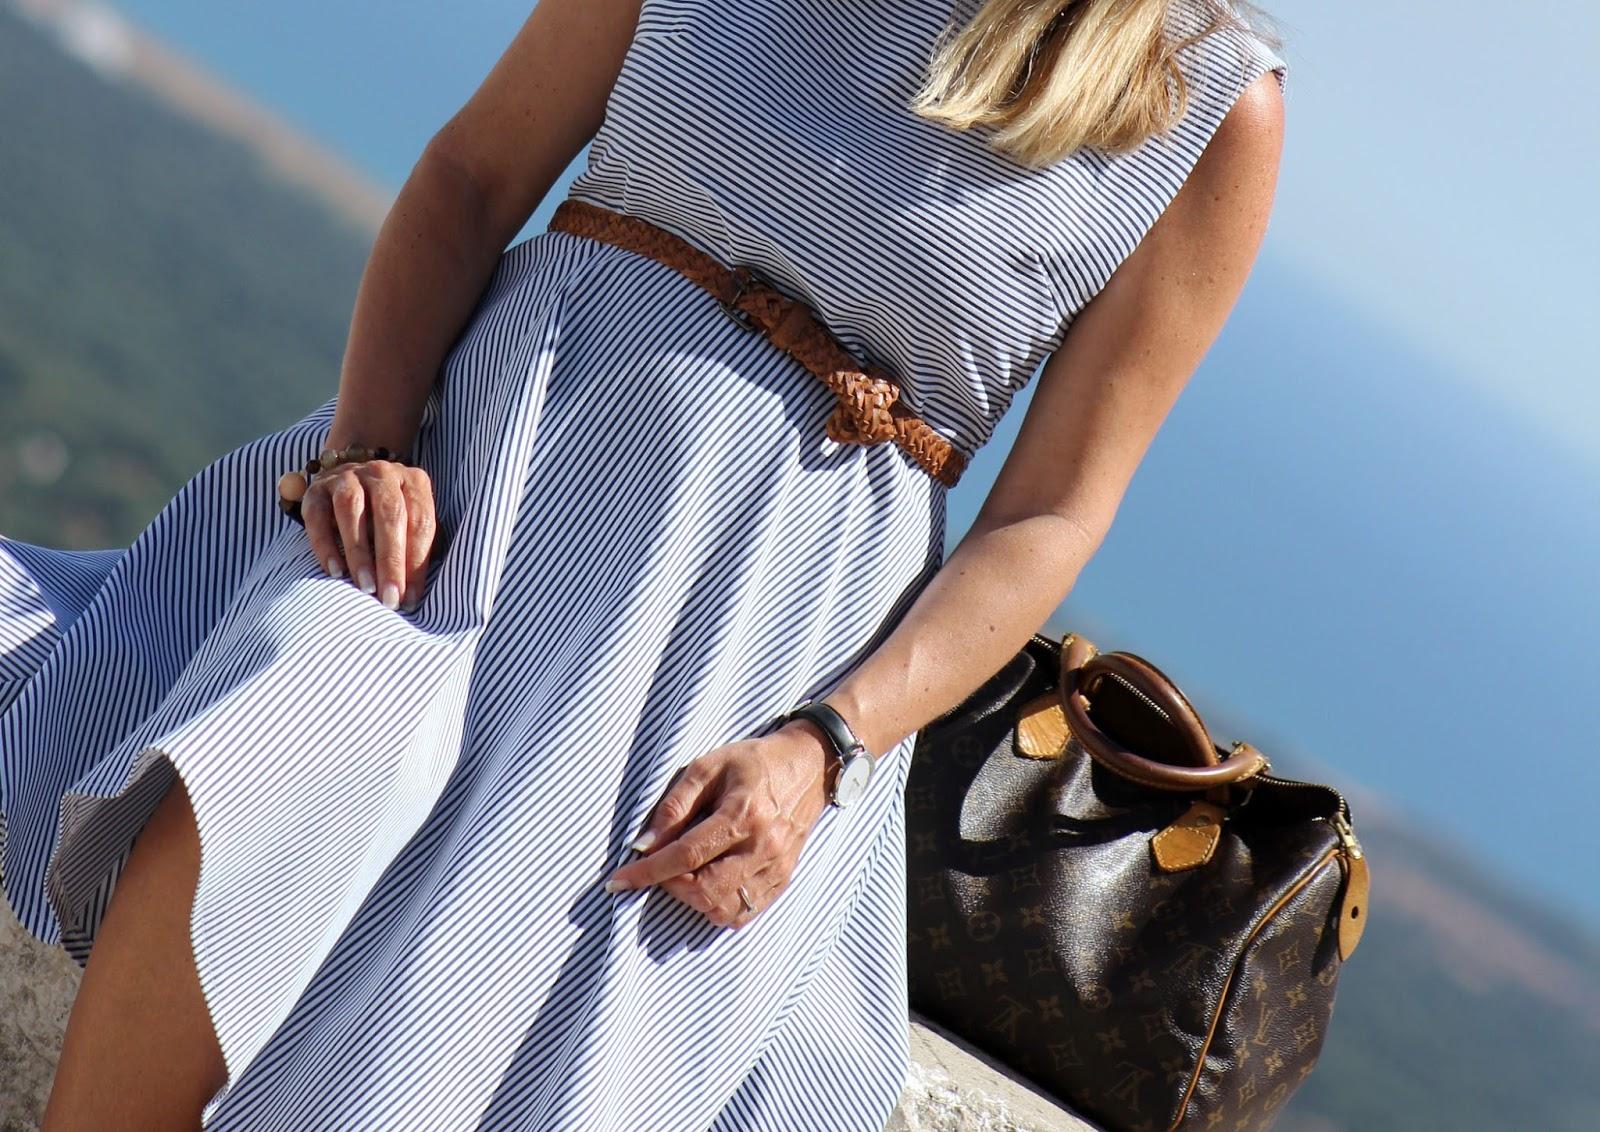 Perché acquistare un vestito a righe - Ostuni - Eniwhere Fashion